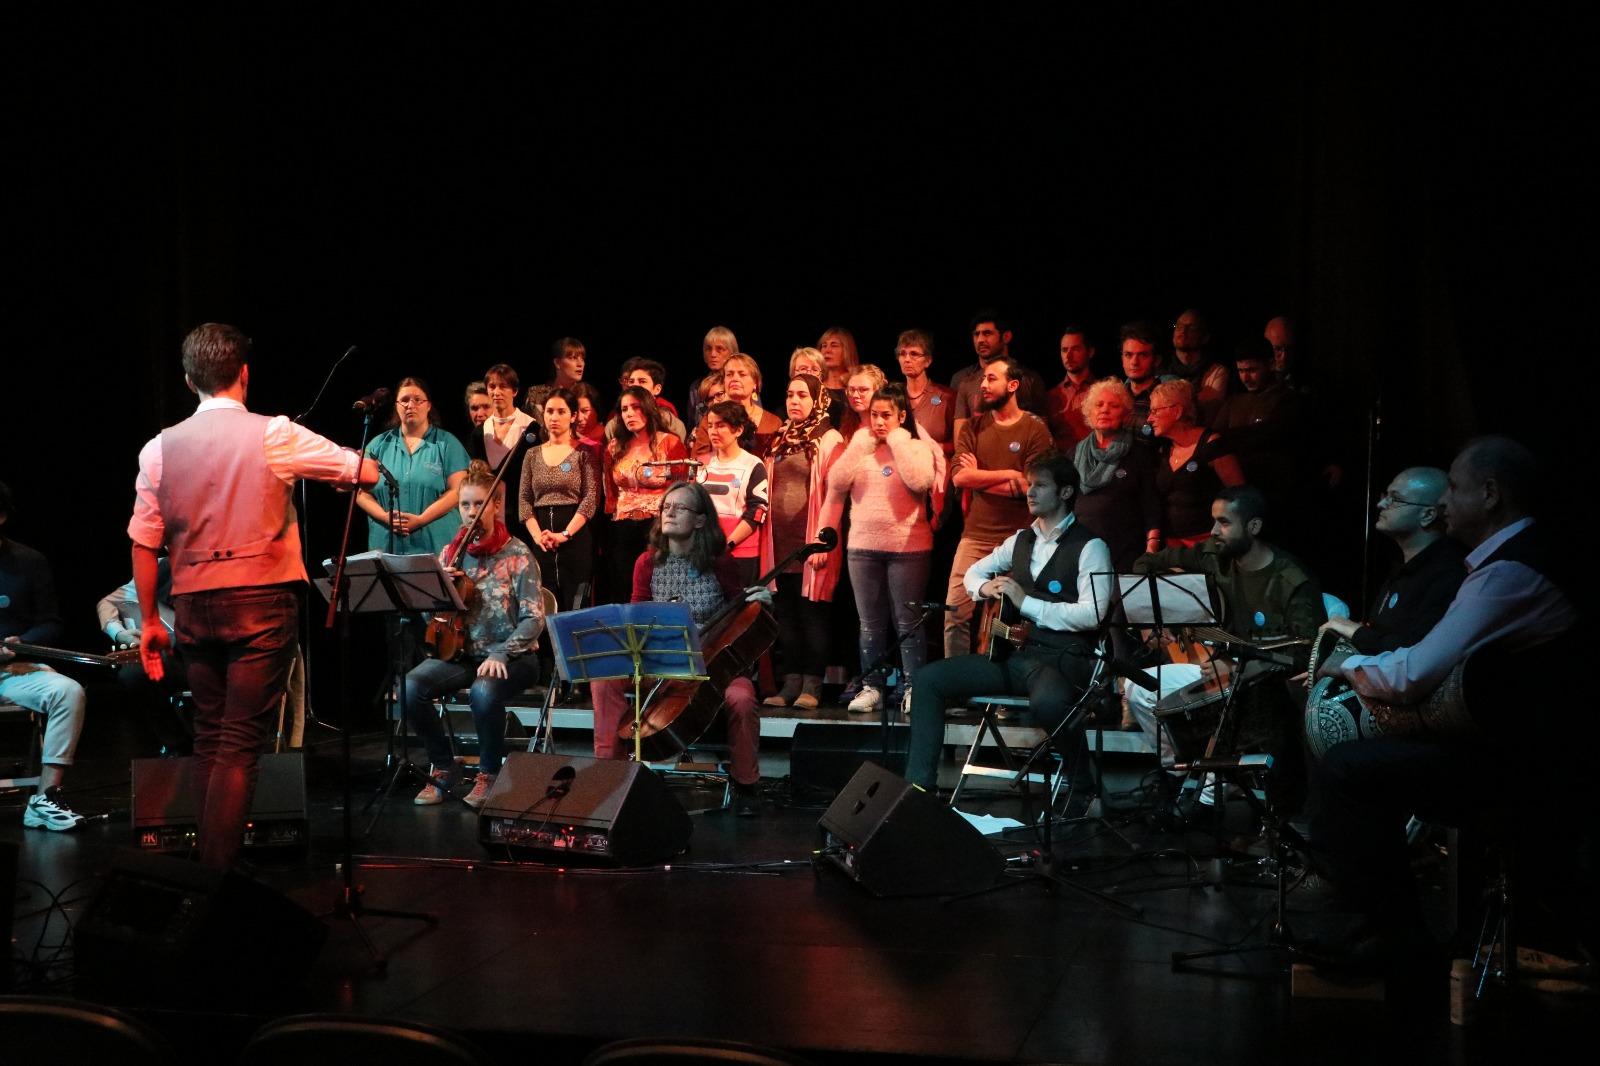 Internationale Klänge: Gemeinsam Singen und Musizieren  mit dem Berliner Begegnungschor